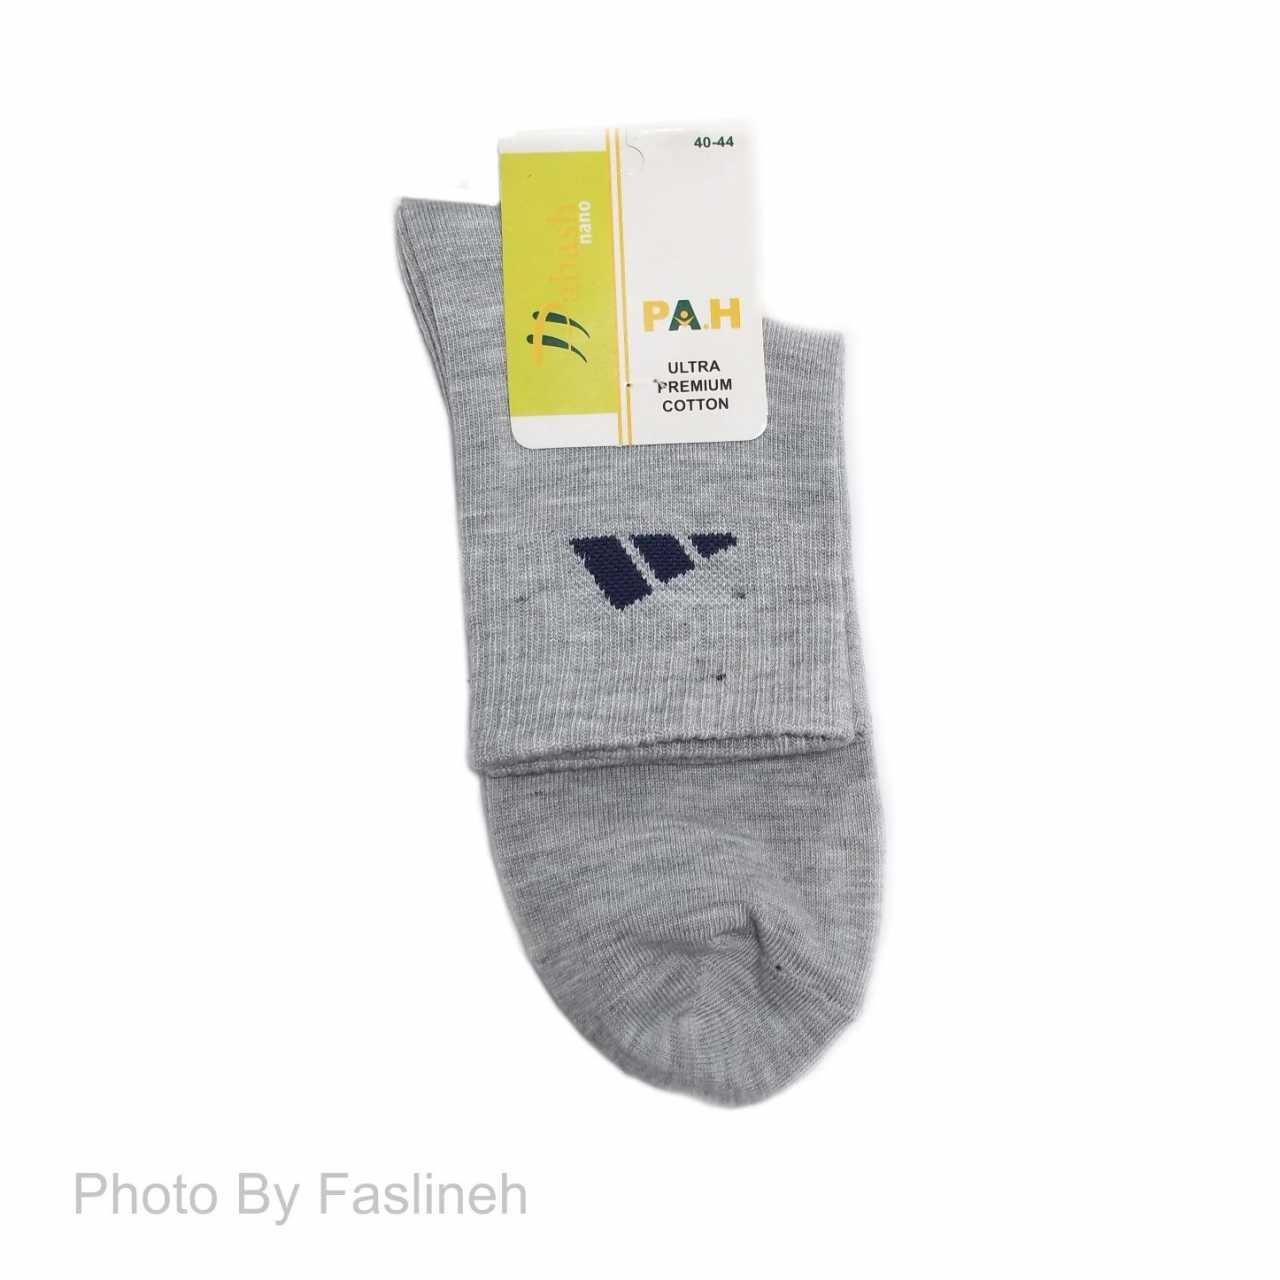 جوراب مردانه طرح آدیداس PA.H طوسی 4987